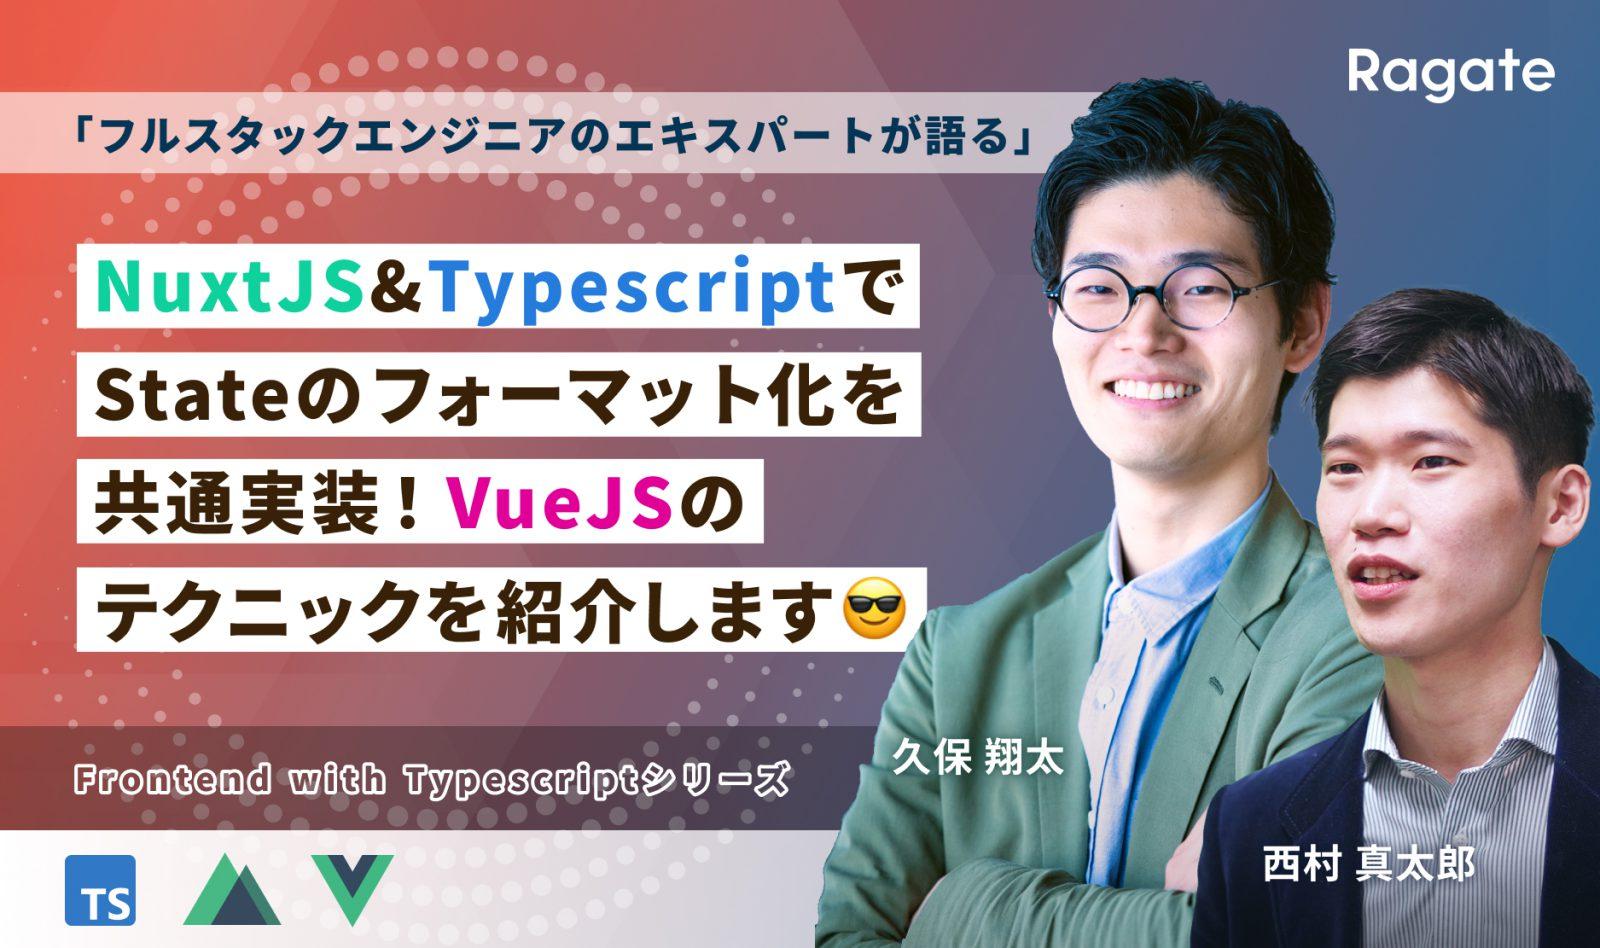 NuxtJSとTypescriptでStateのフォーマット化を共通実装!VueJSのテクニックを紹介します😎